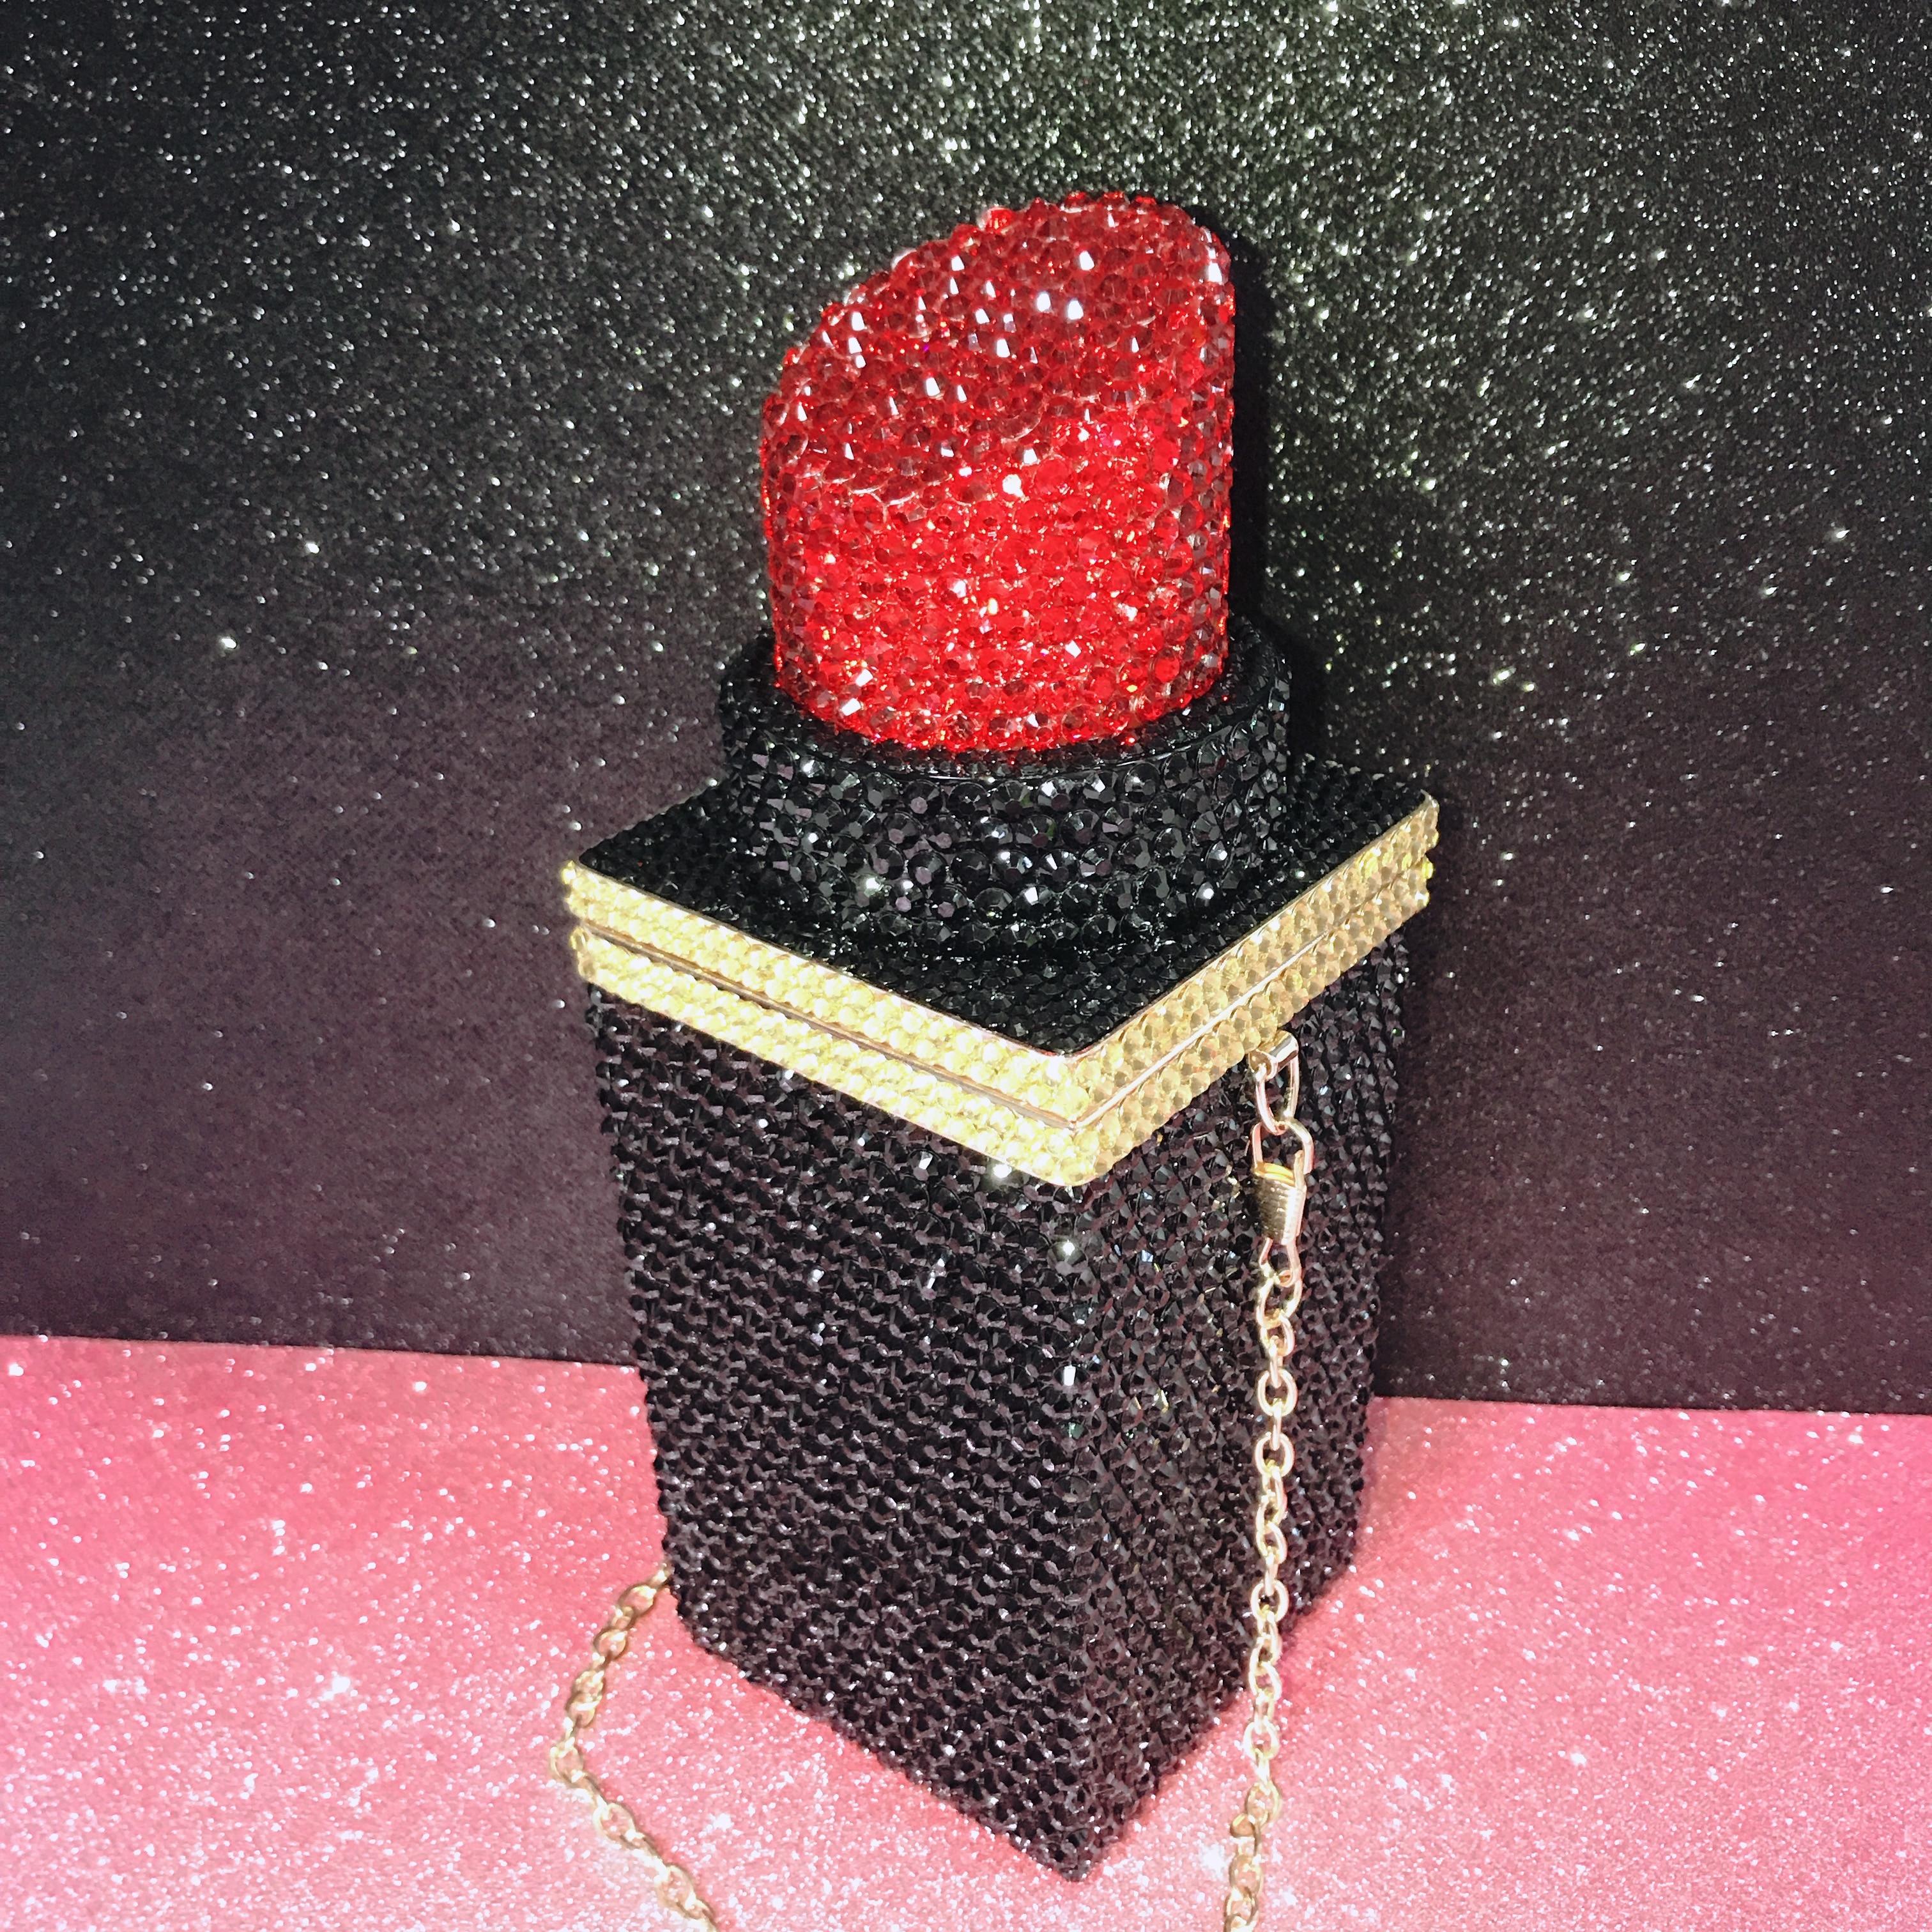 حقيبة تخزين نسائية فاخرة متألقة ، حقيبة كتف بأحجار الراين وأحمر الشفاه ، حقيبة سهرة ، محفظة ، مصمم عصري